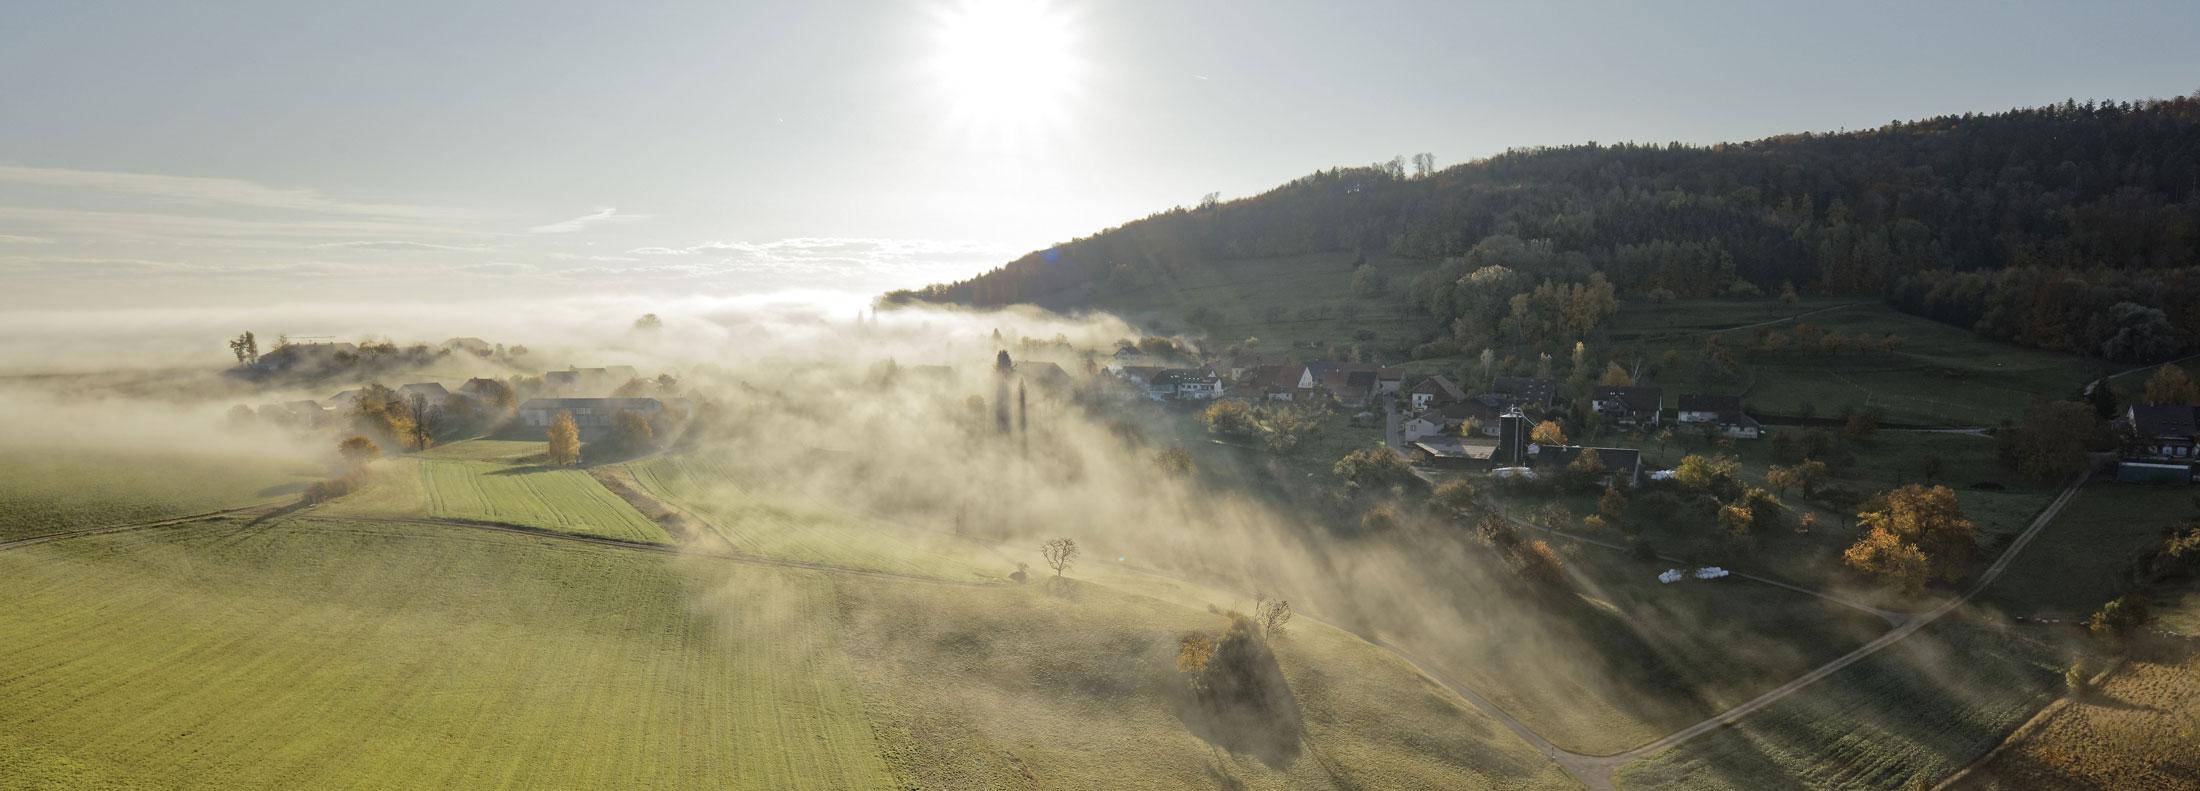 linn-aargau--nebel-abschnitt